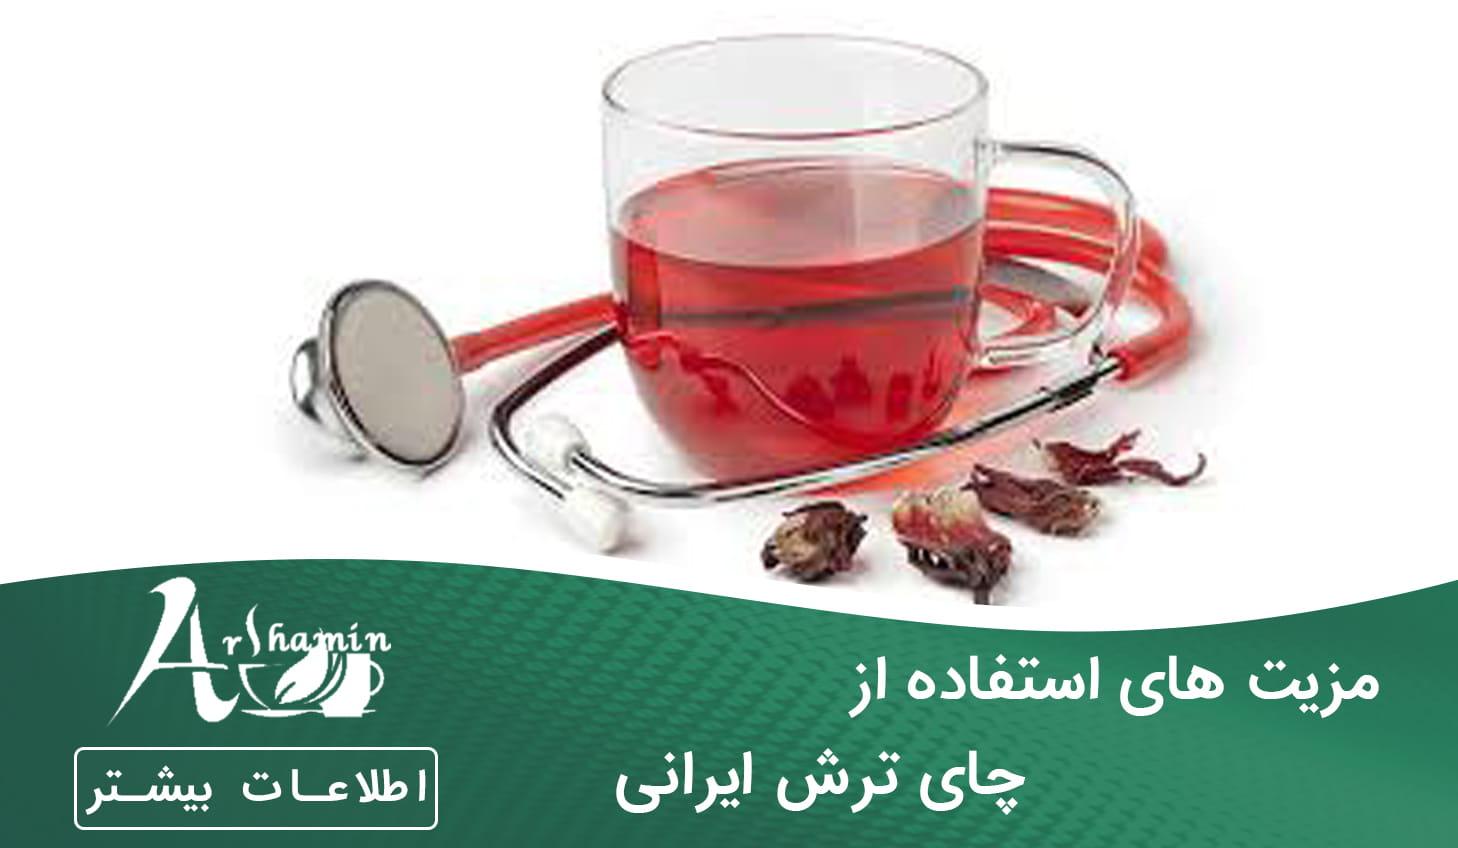 مزیت های استفاده از چای ترش ایرانی